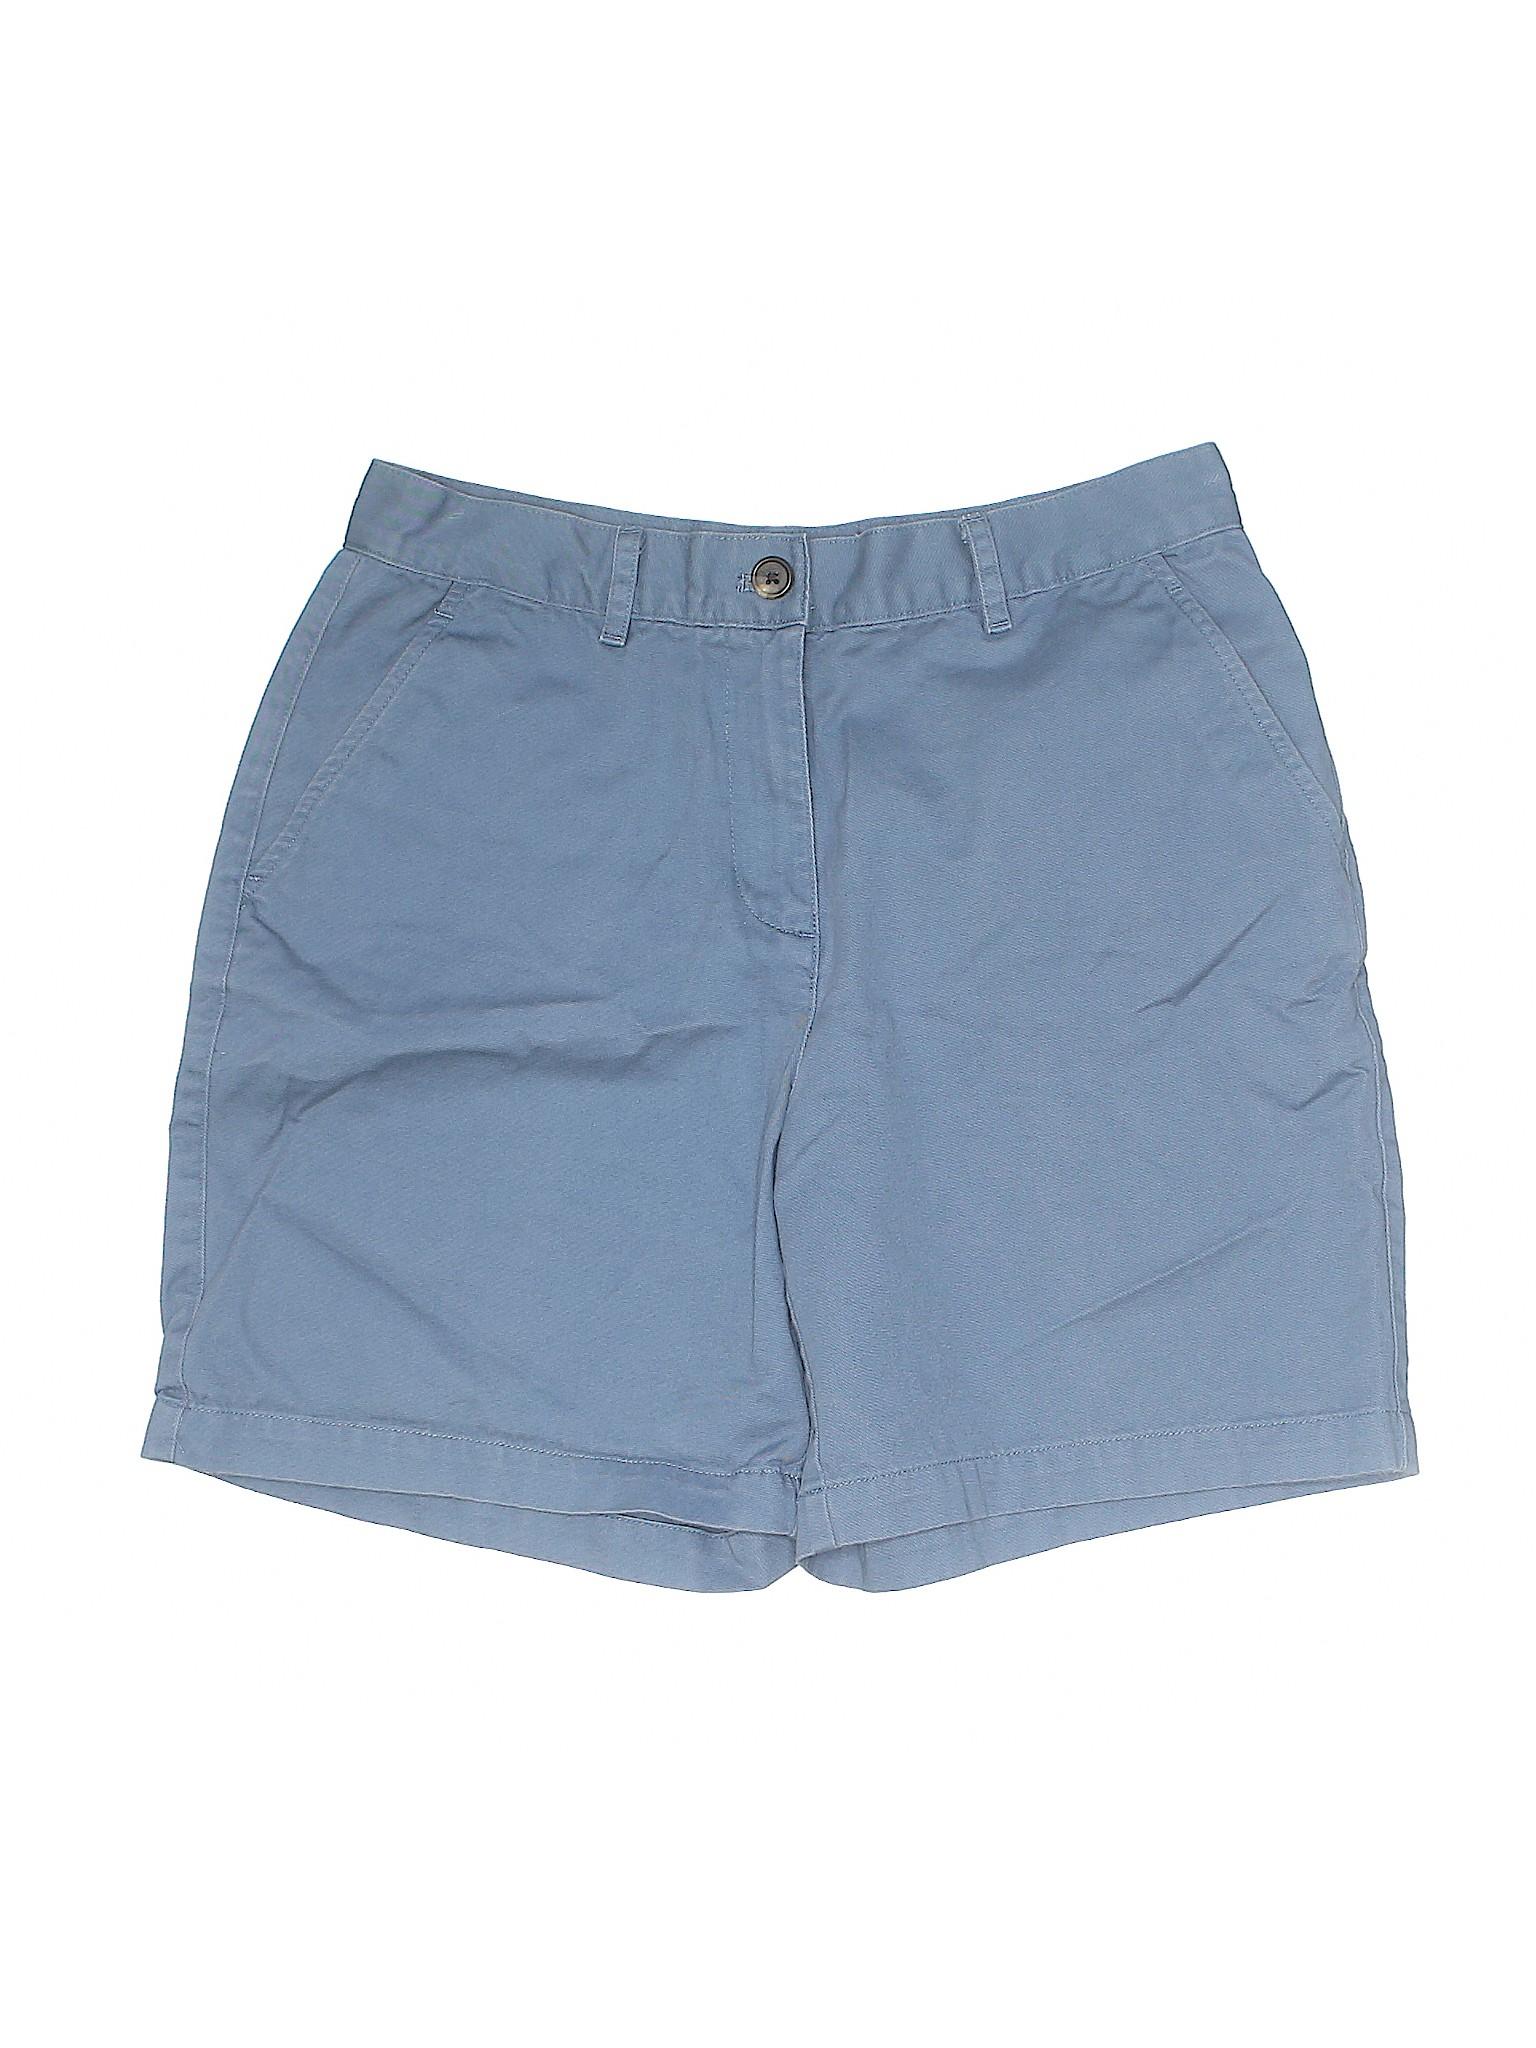 Boutique Shorts Shorts Lauren Ralph Lauren Boutique Boutique Ralph Khaki Khaki 1fBqw1xT